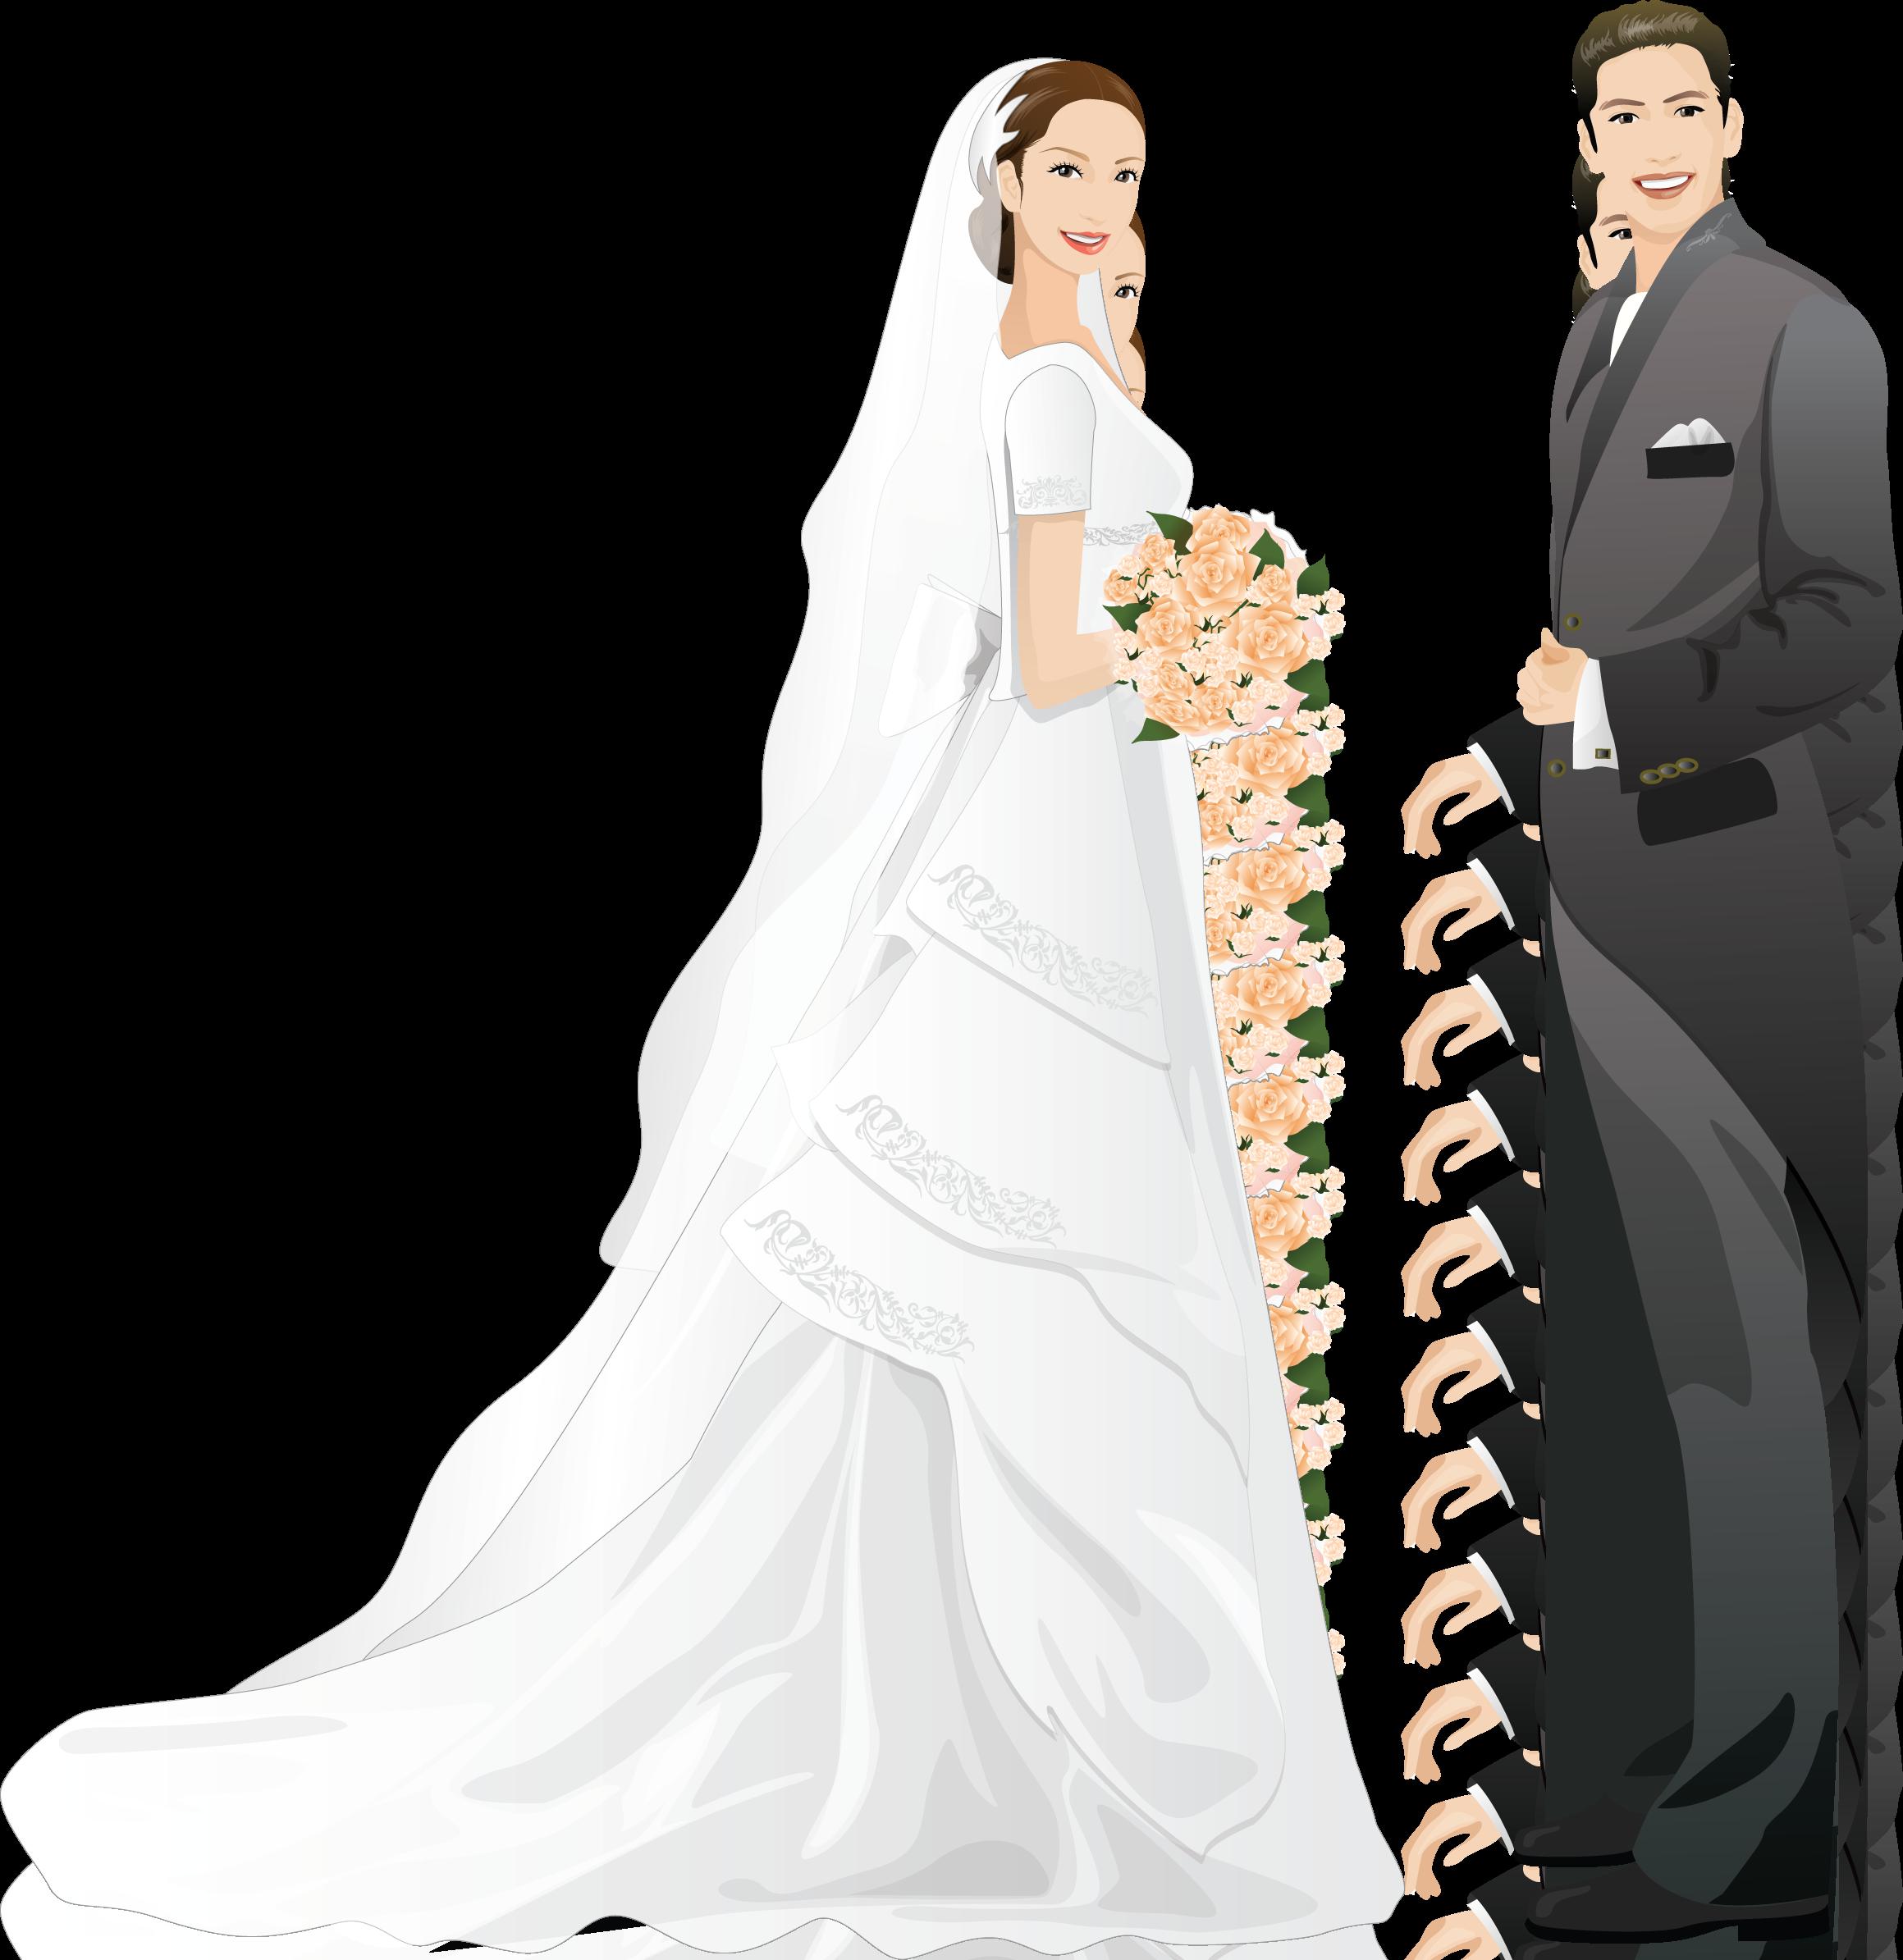 картинка свадьба жених и невеста рисунок подходит для загородных